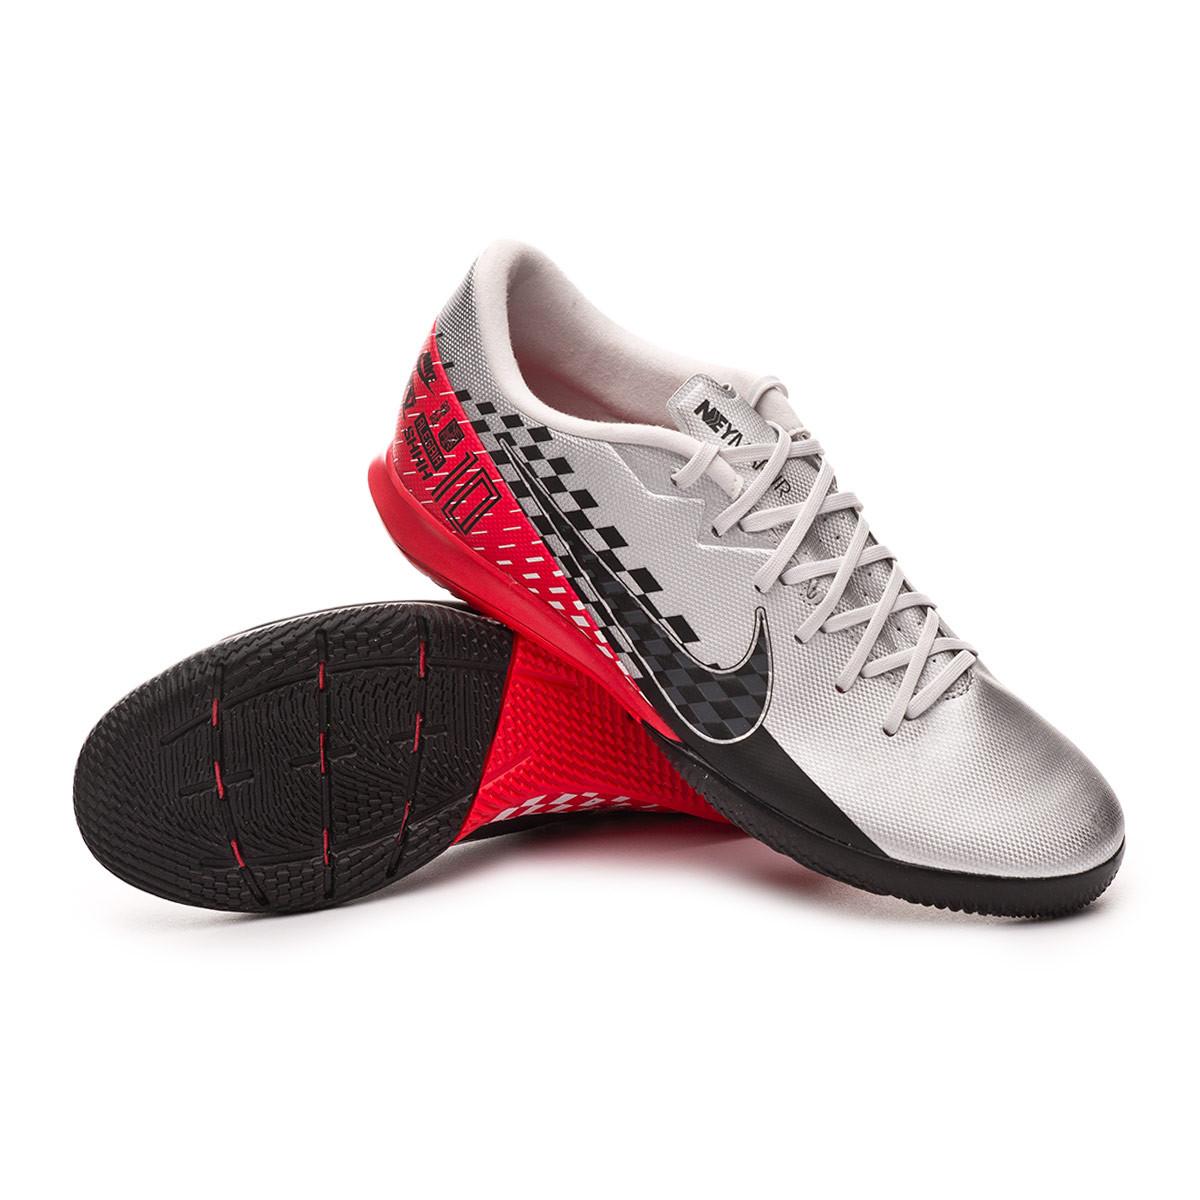 butik wyprzedażowy niższa cena z szczegółowe zdjęcia Nike Mercurial Vapor XIII Academy IC Neymar Jr Futsal Boot